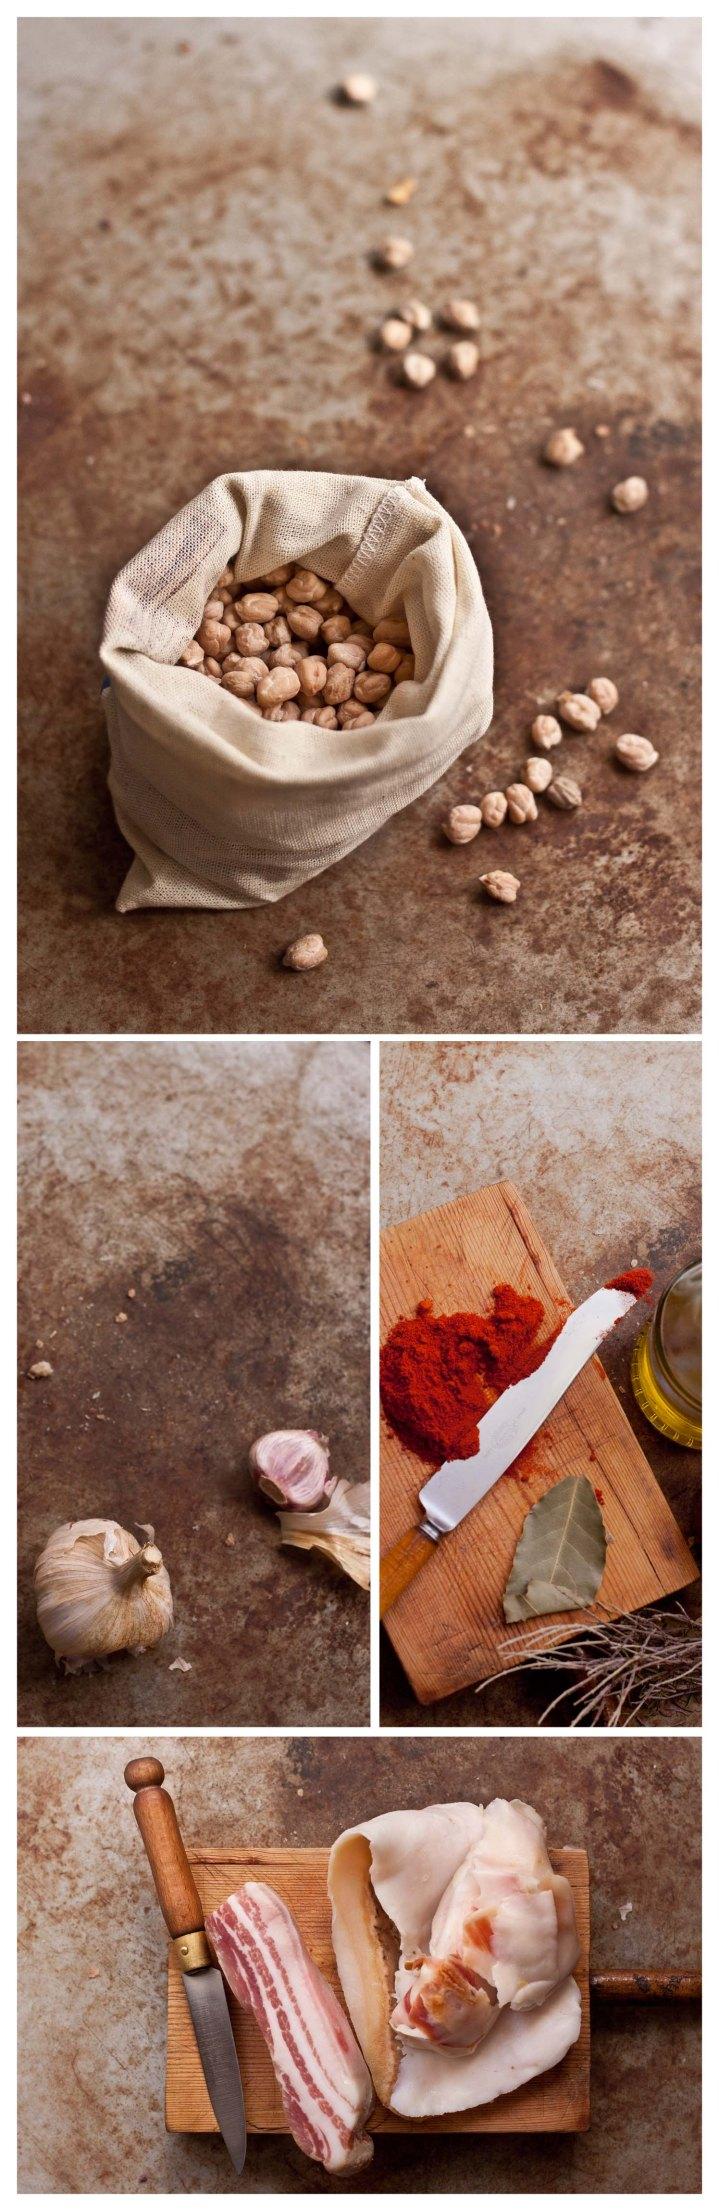 Garbanzos, ajos, pimenton, laurel tomillo, panceta en salazon y tocino de jamon